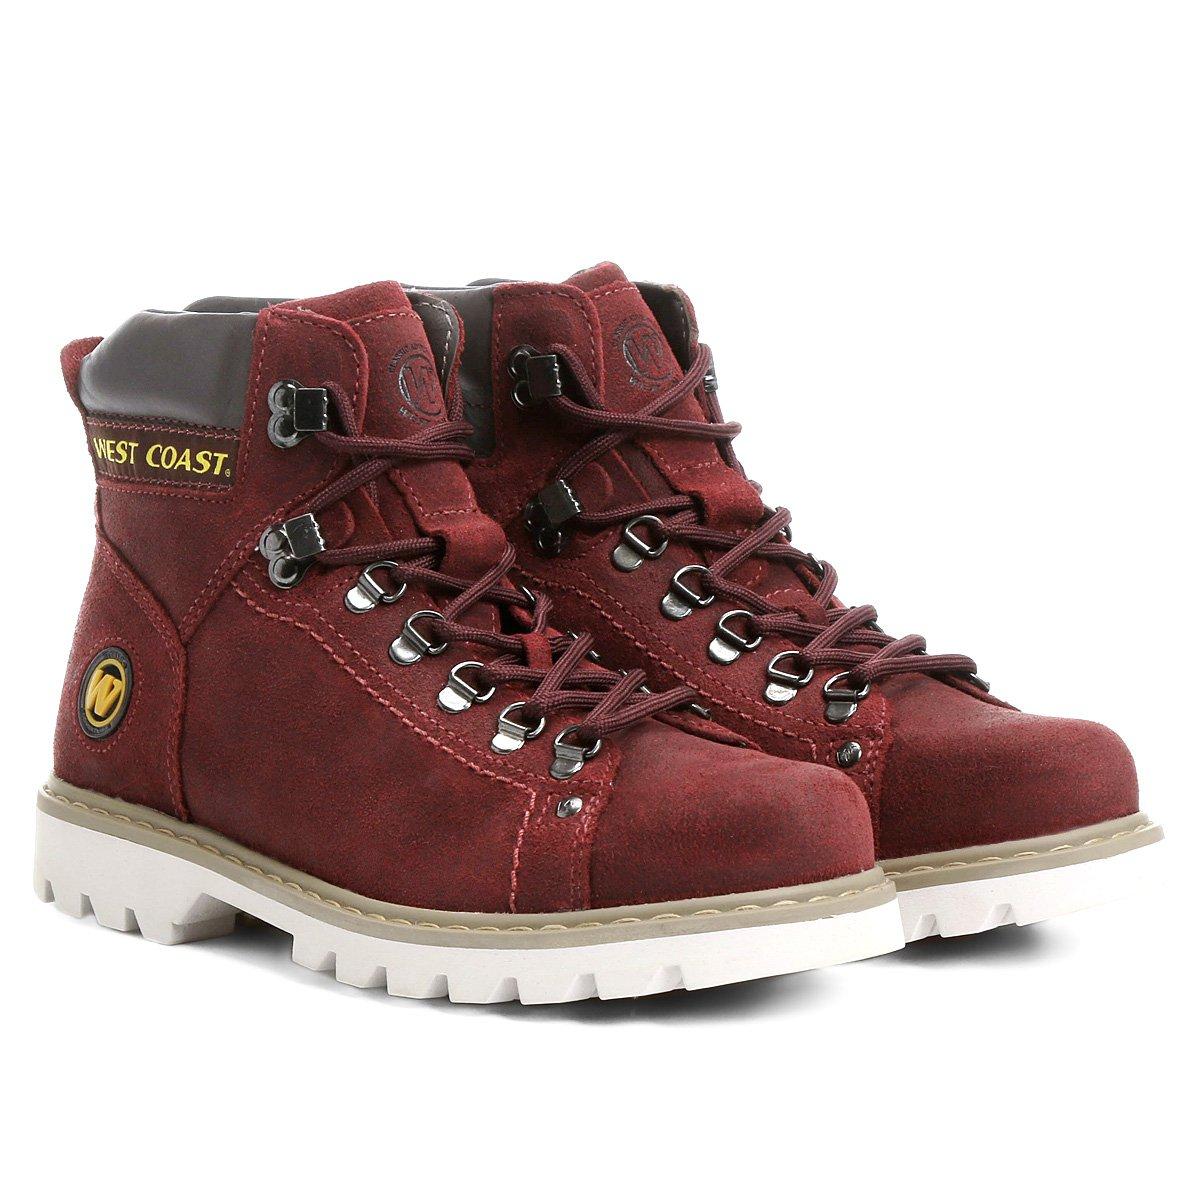 0383648fde Bota Couro Coturno West Coast Worker Classic Masculina - Vermelho - Compre  Agora